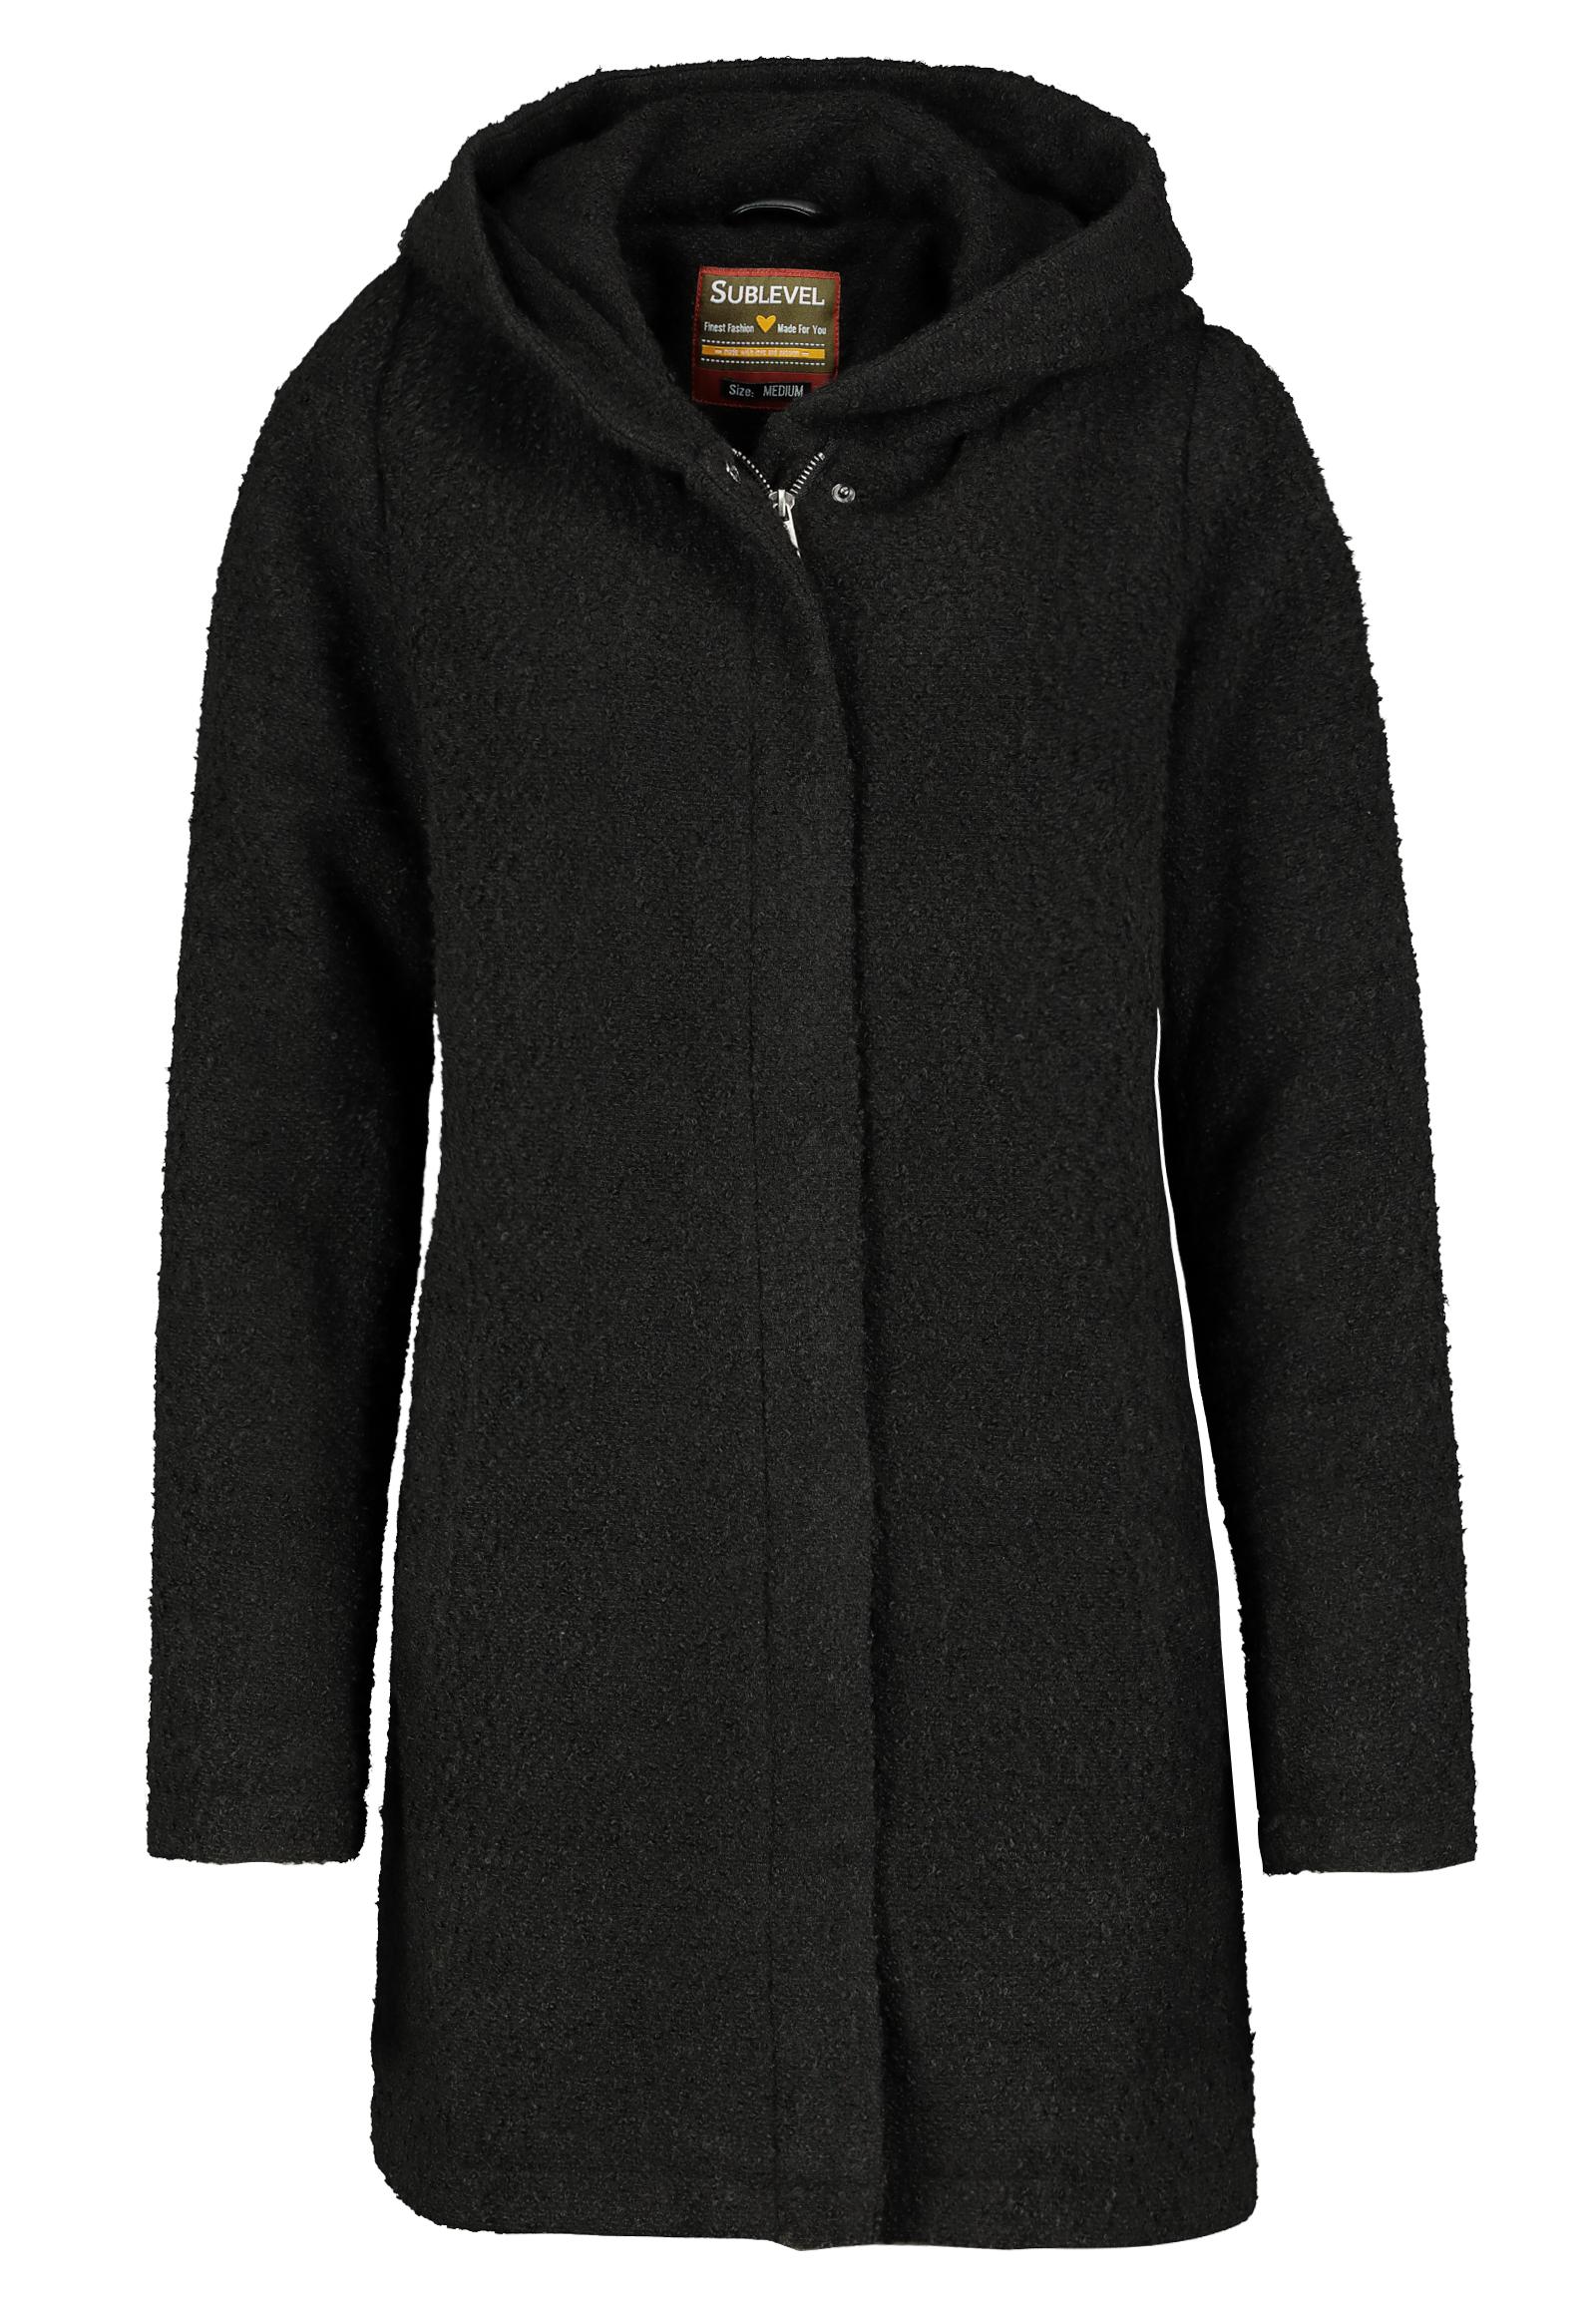 sublevel damen wollmix mantel mit kapuze warmer wintermantel im melange look ebay. Black Bedroom Furniture Sets. Home Design Ideas